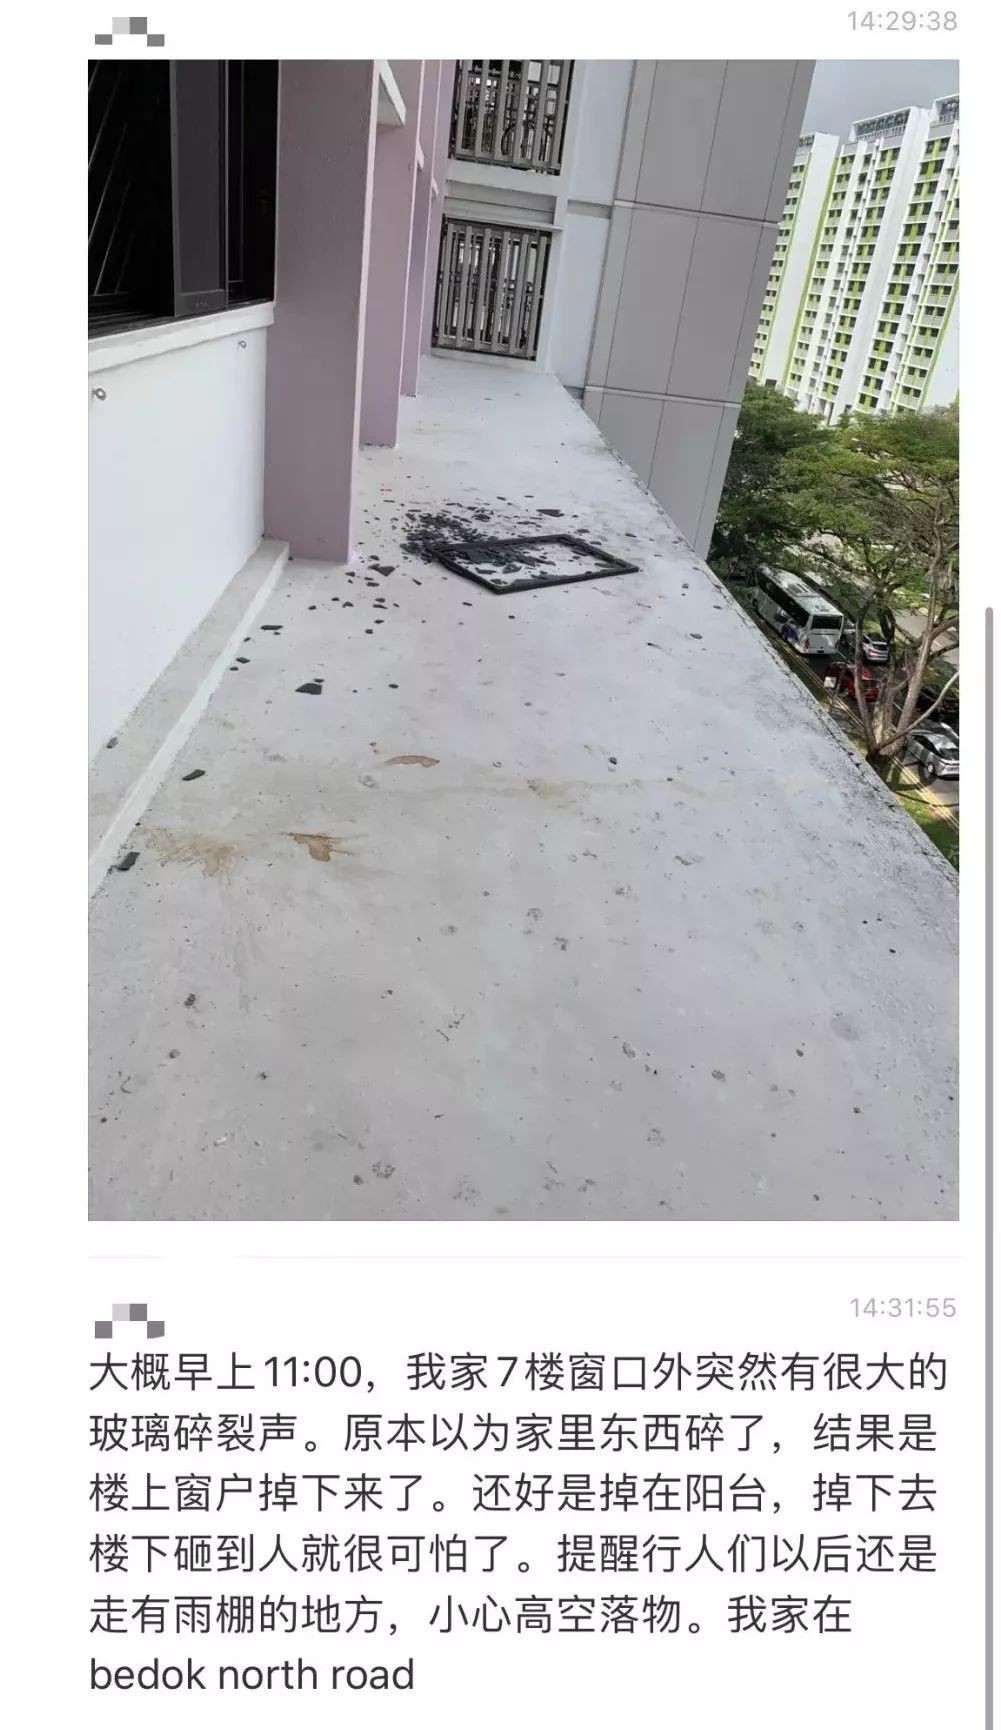 """新加坡惊险一幕:""""我家楼上的玻璃窗突然砸下来......"""""""